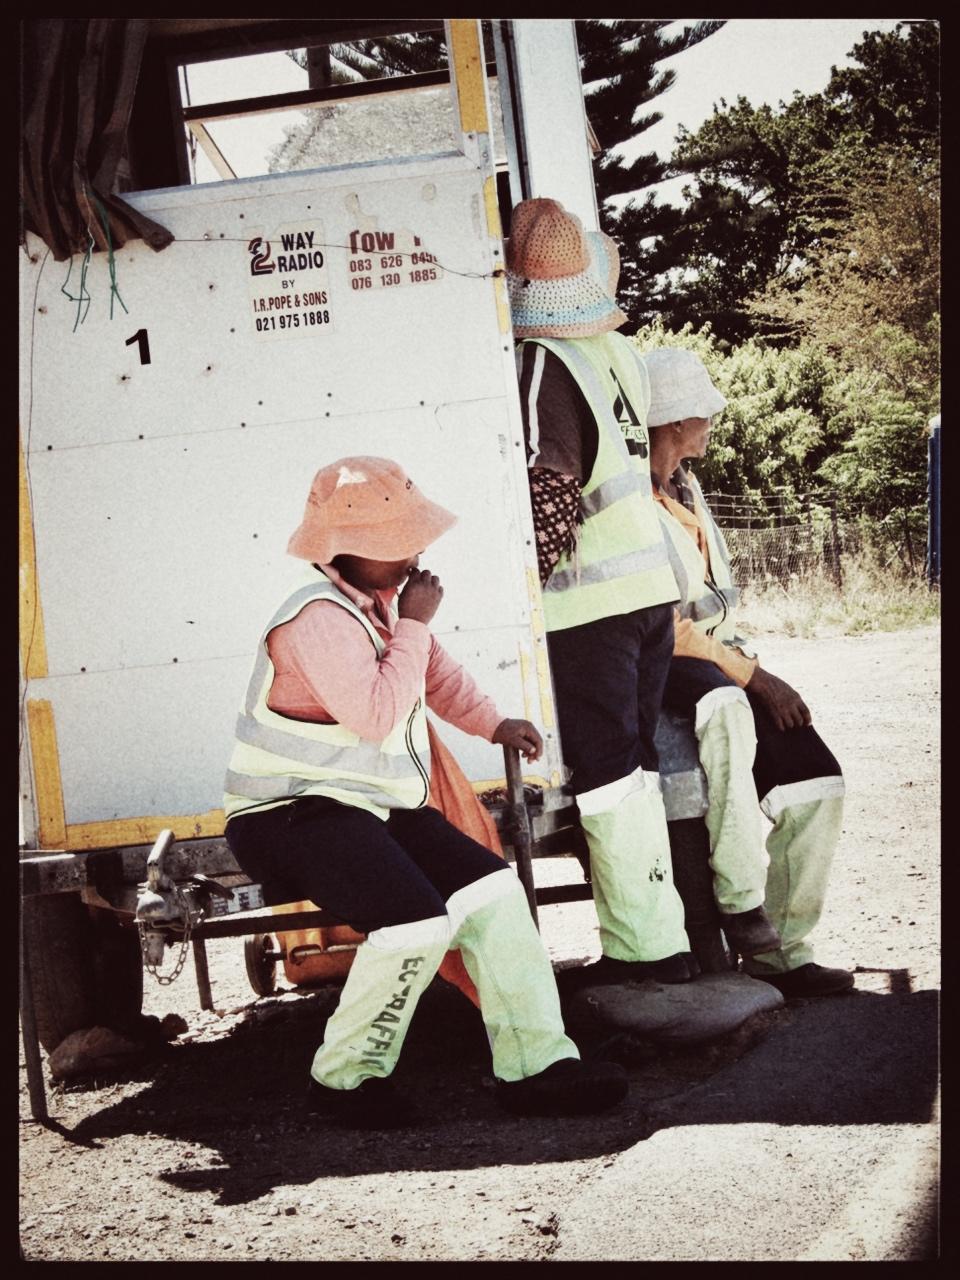 wegenwerkers zoeken beschutting tegen de hitte (35° C).